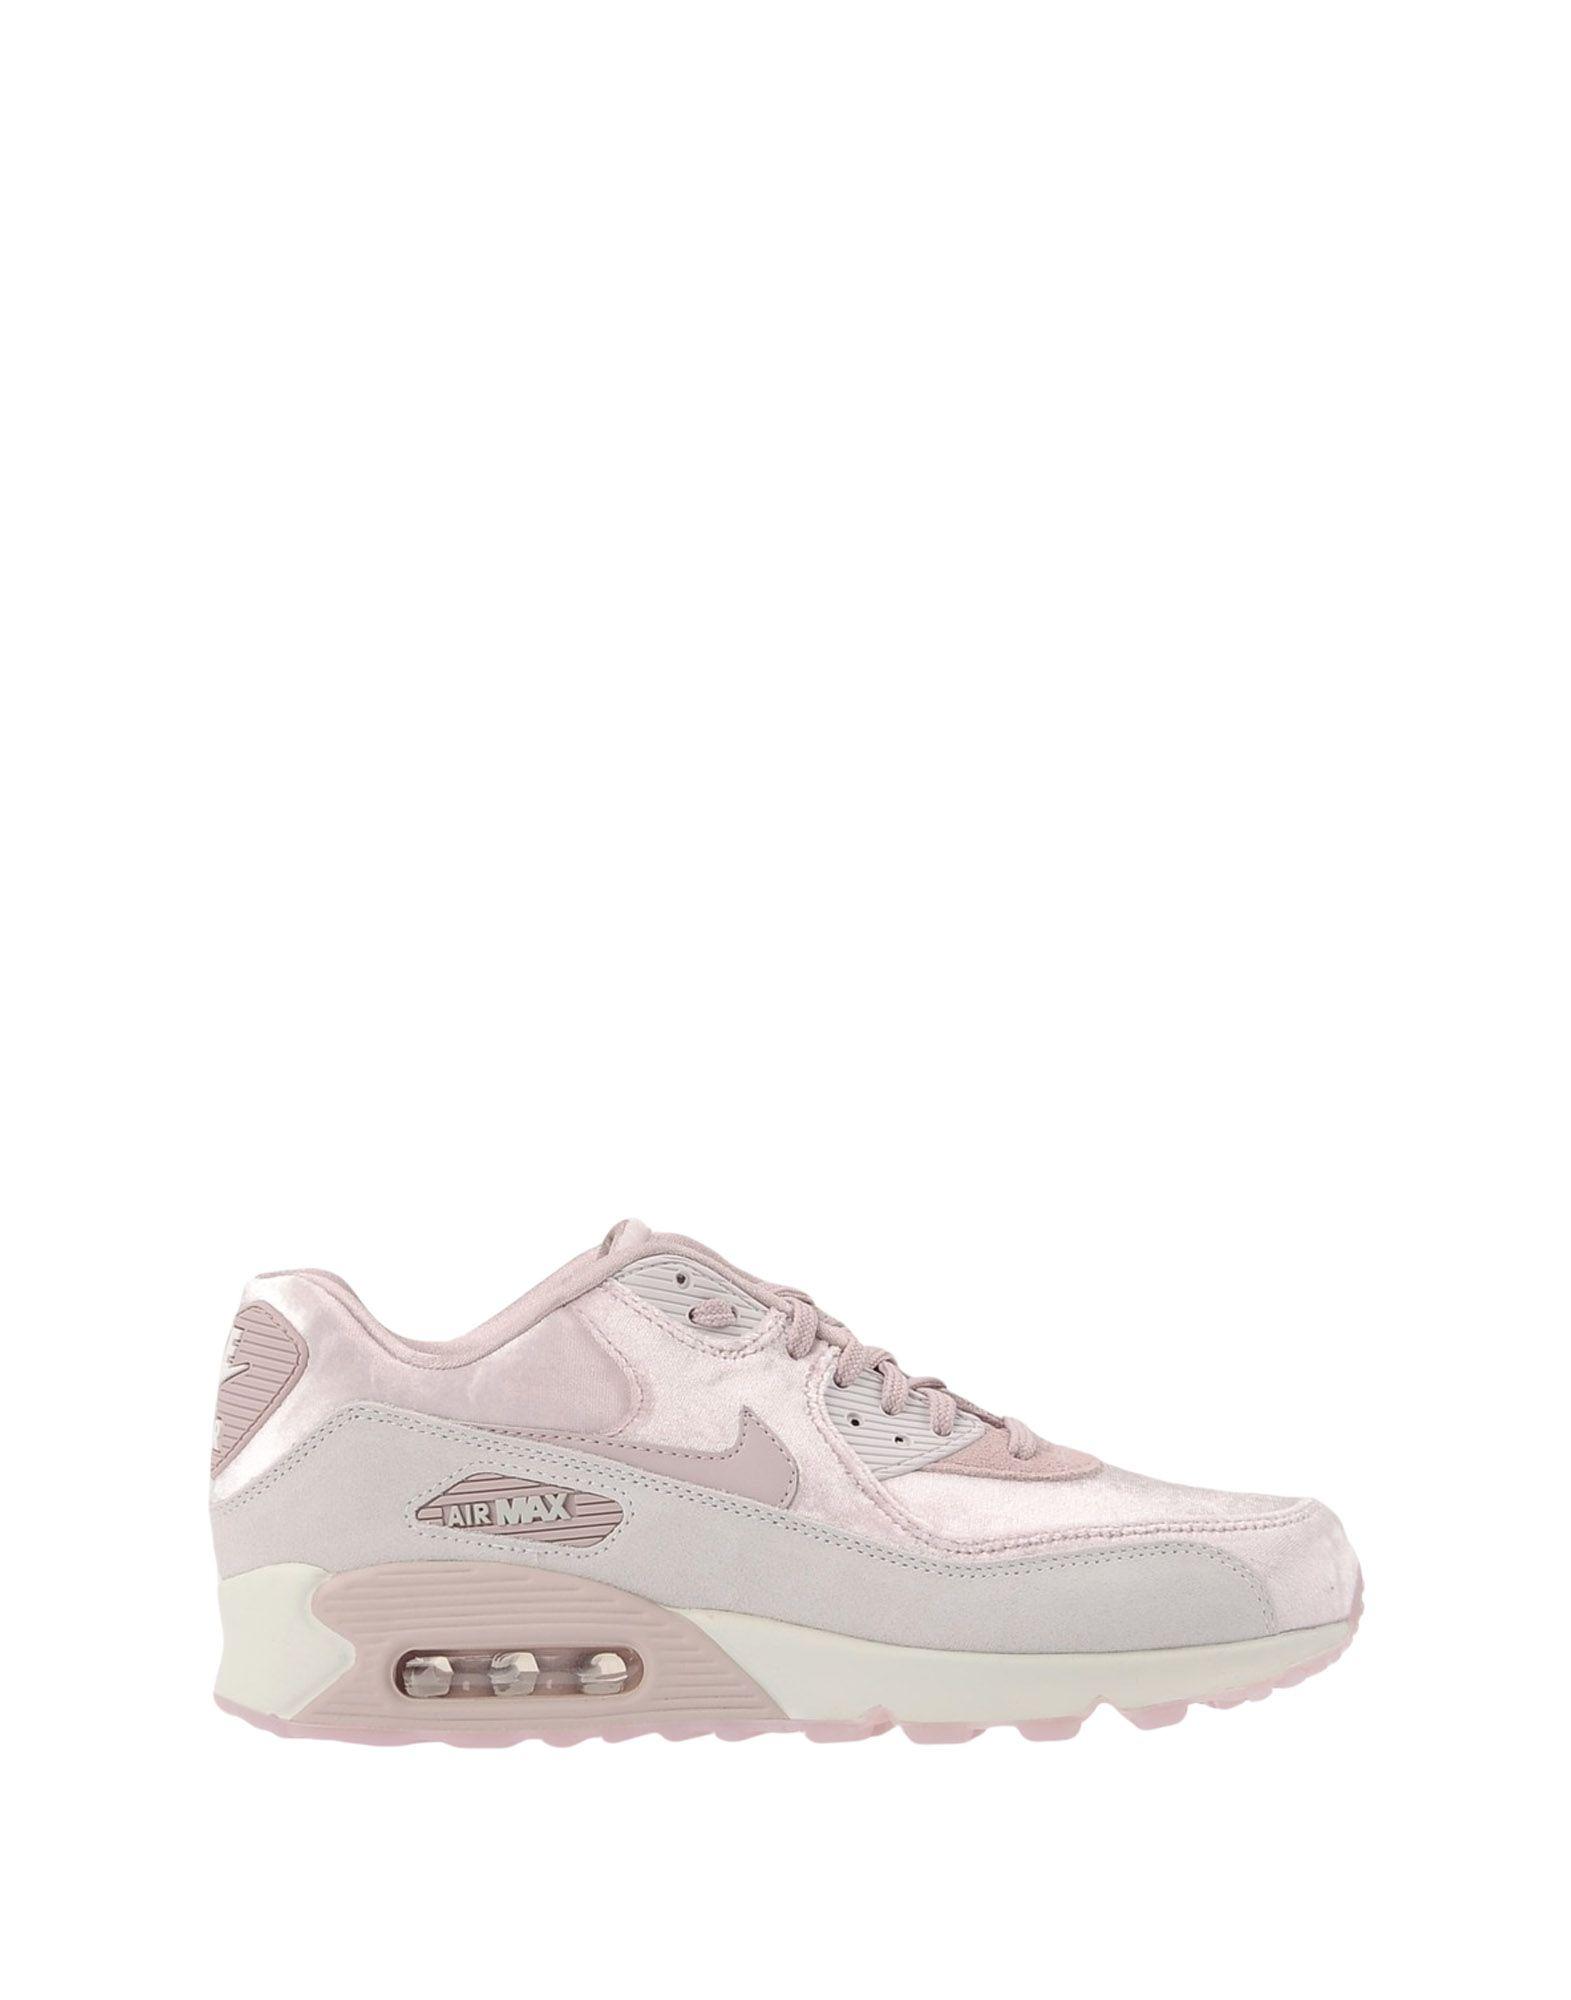 Sneakers Nike  Air Max 90 Lux - Femme - Sneakers Nike sur